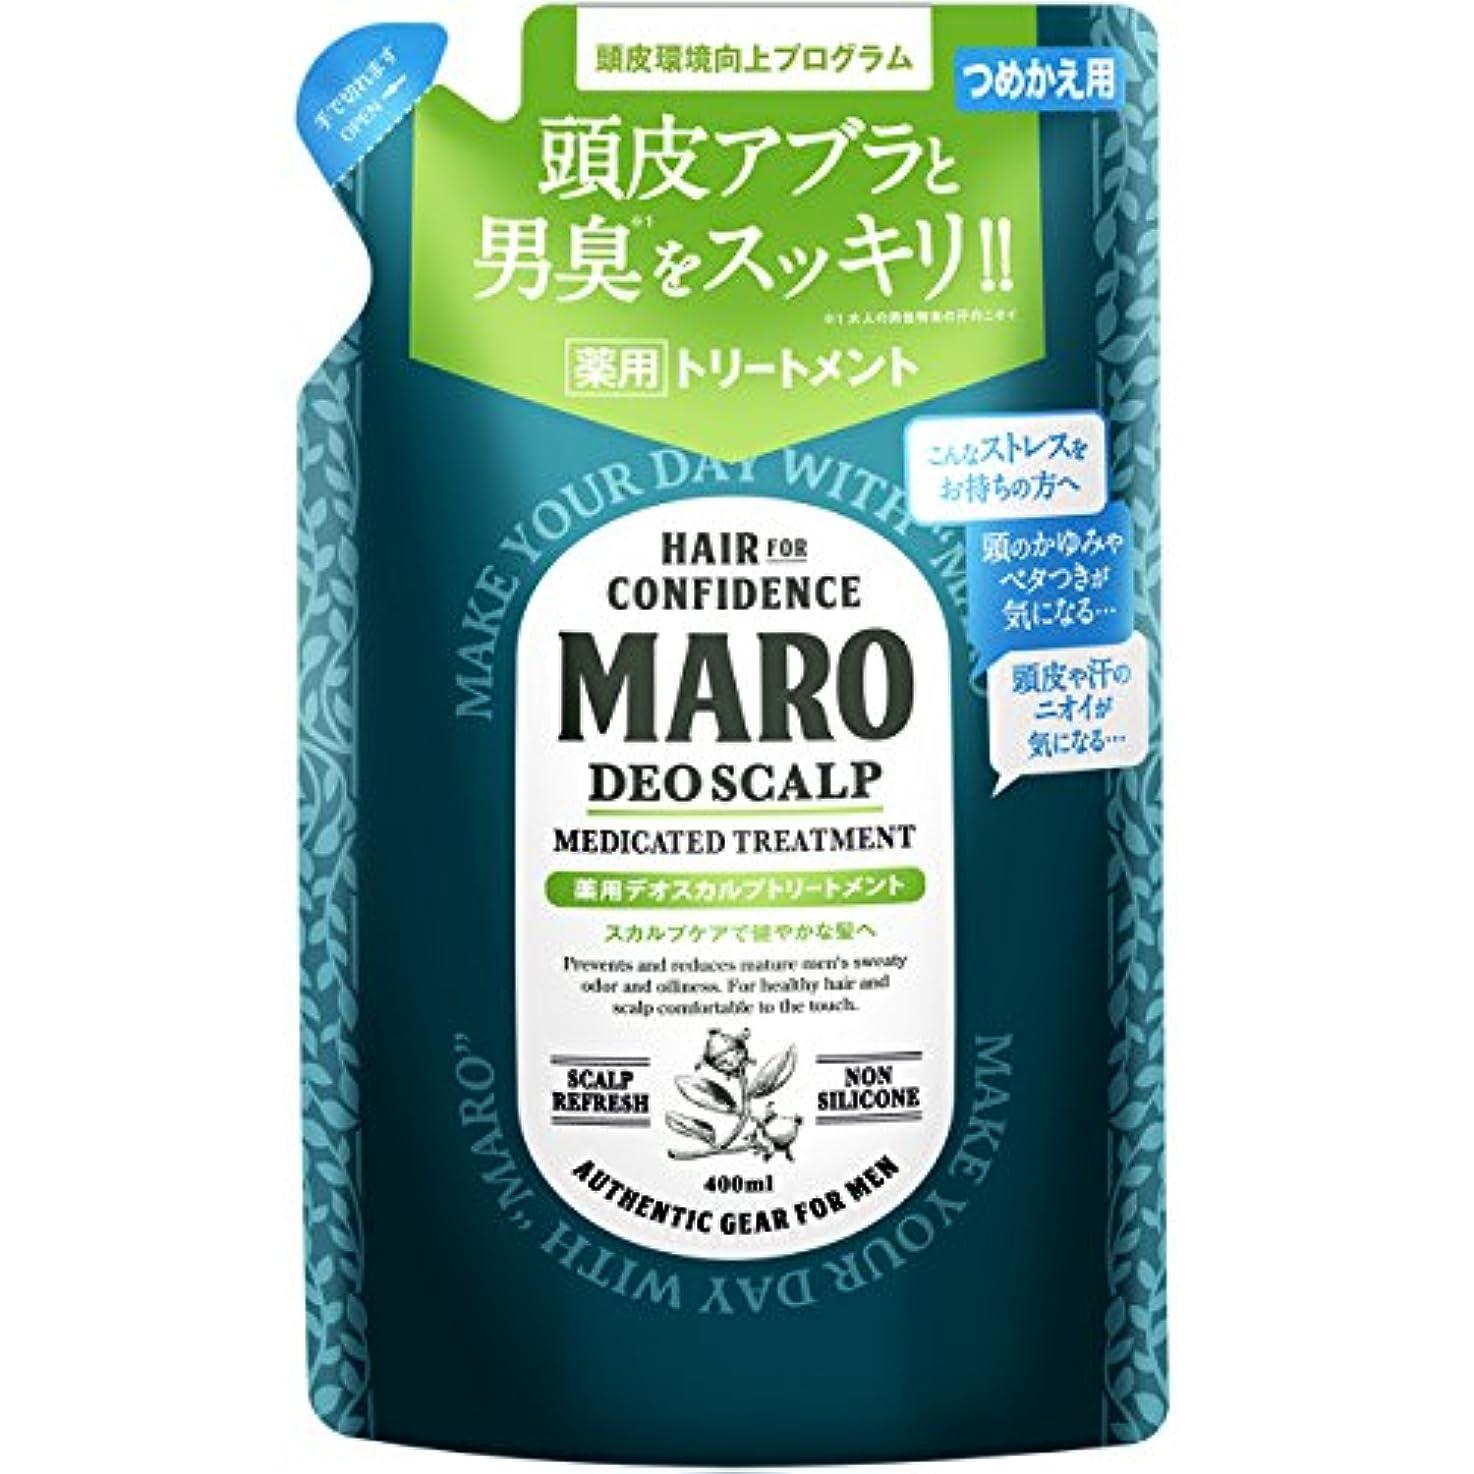 言い直すつかいます気づくMARO 薬用 デオスカルプ トリートメント 詰め替え 400ml 【医薬部外品】